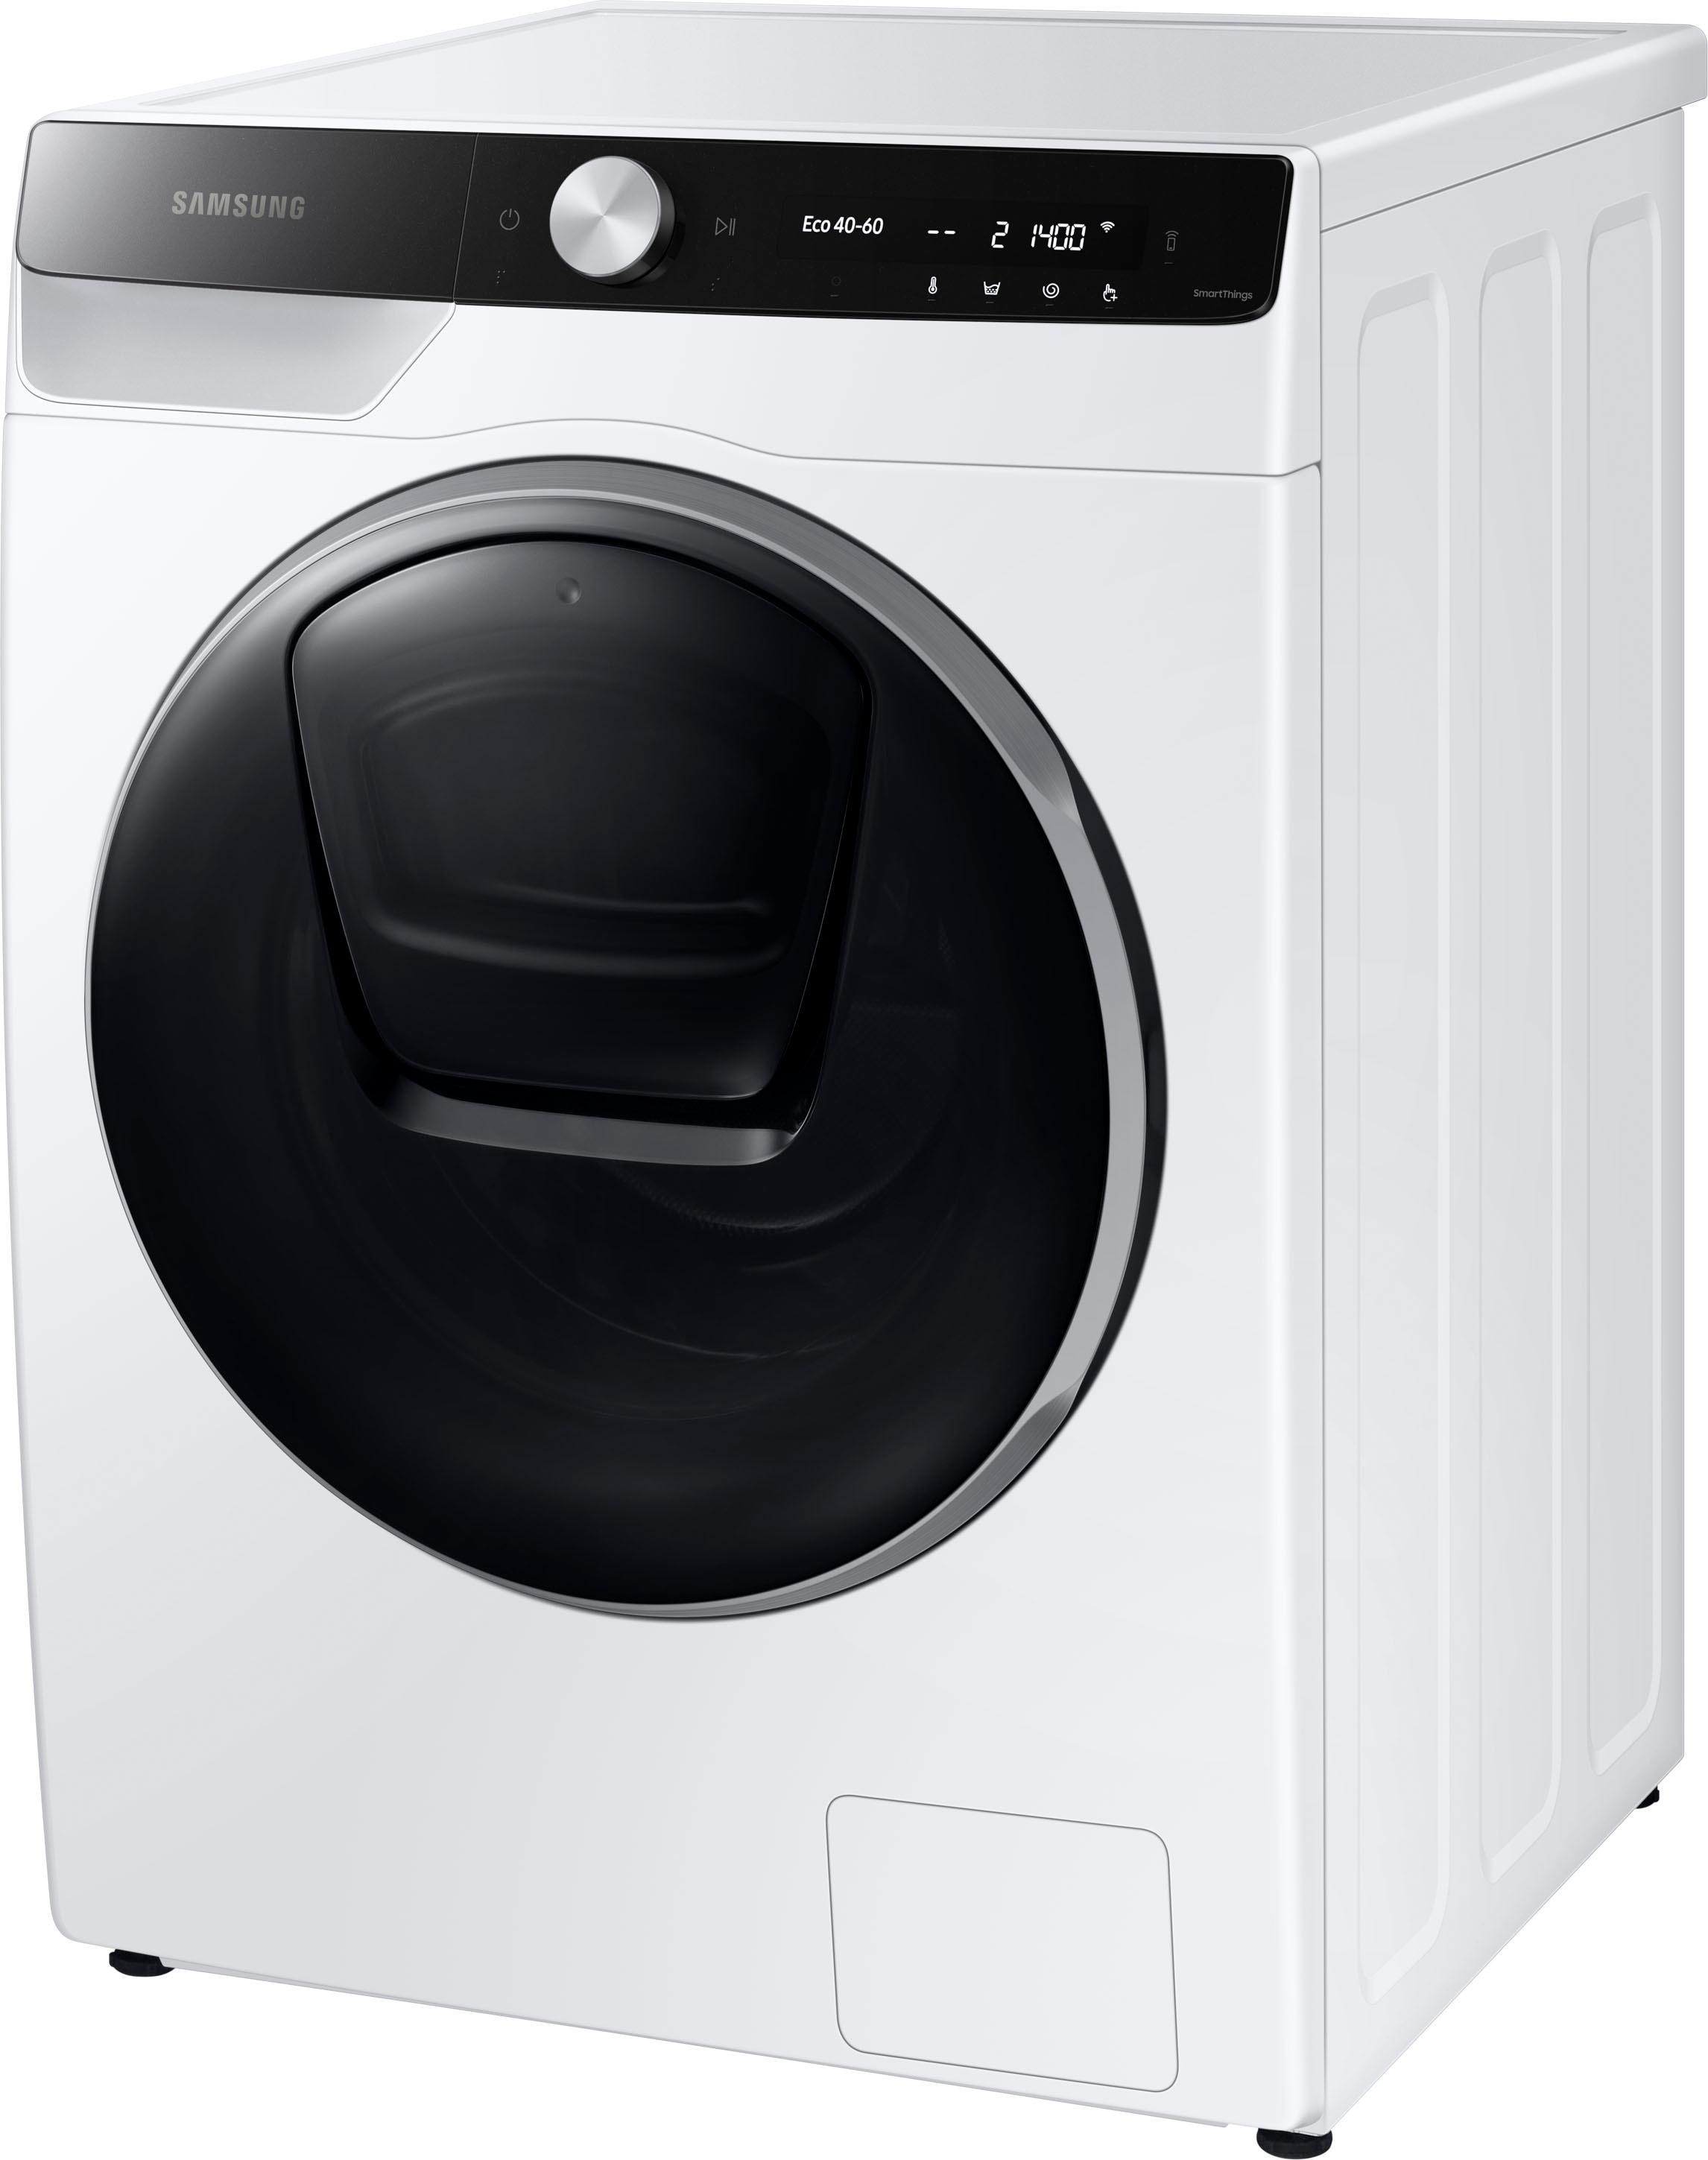 Samsung Waschmaschine WW91T956ASE S2 , WW9500T, WW91T956ASE